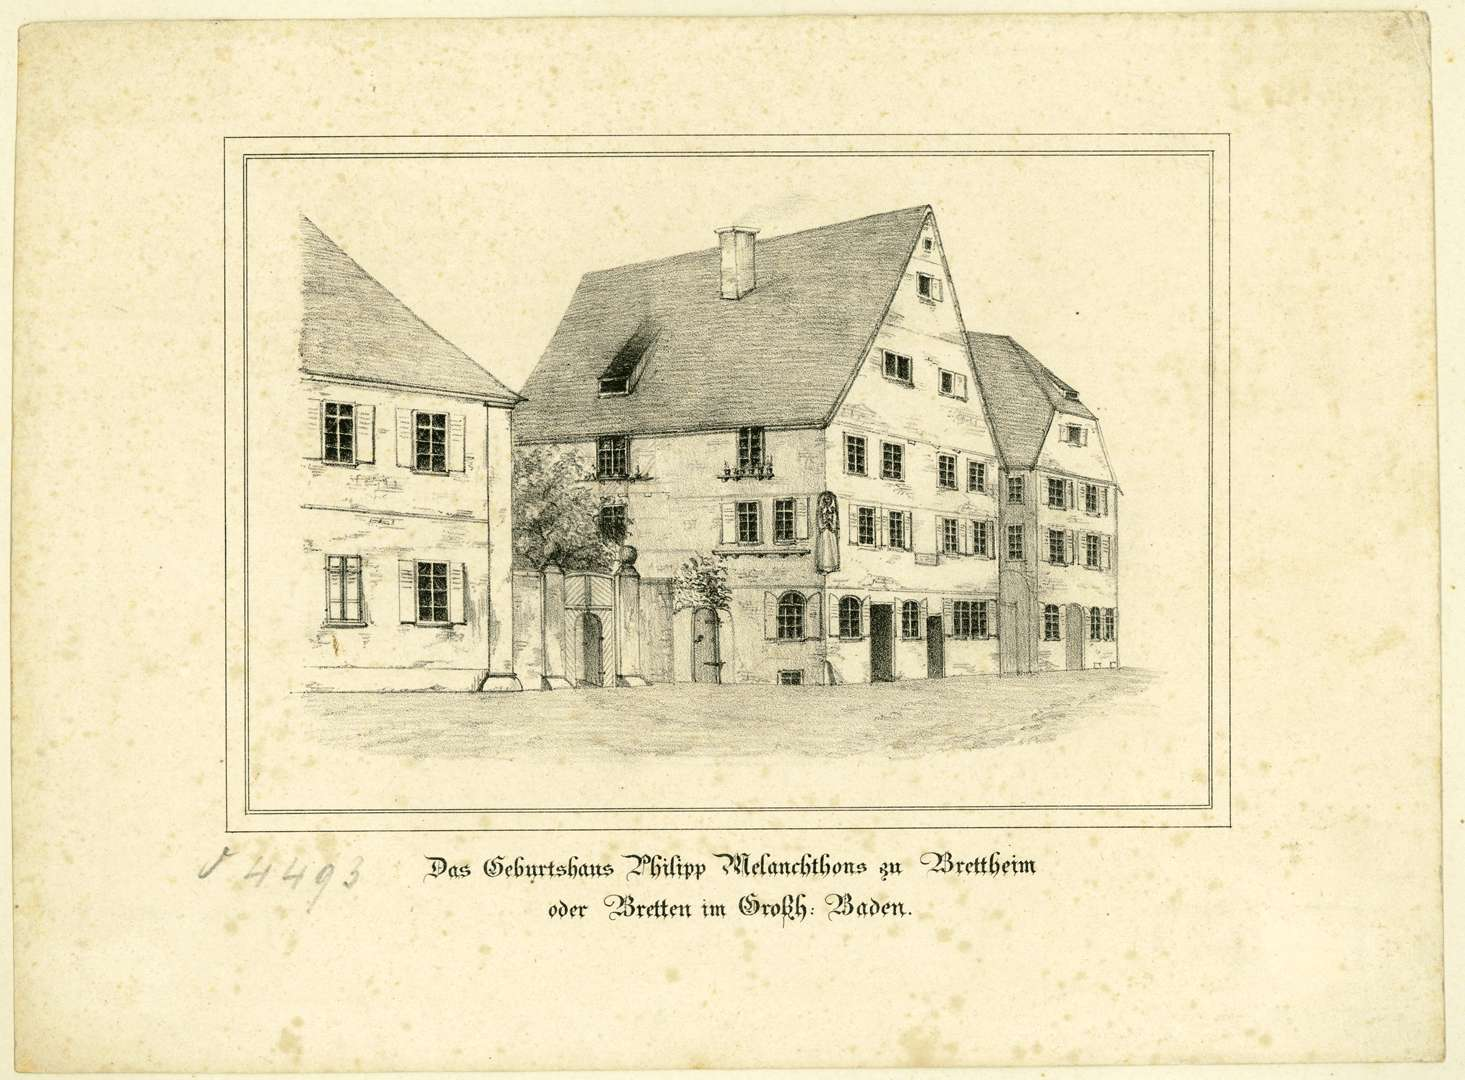 Das Geburtshaus Philipp Melanchtons zu Brettheim oder Bretten im Großh. Baden, Bild 1